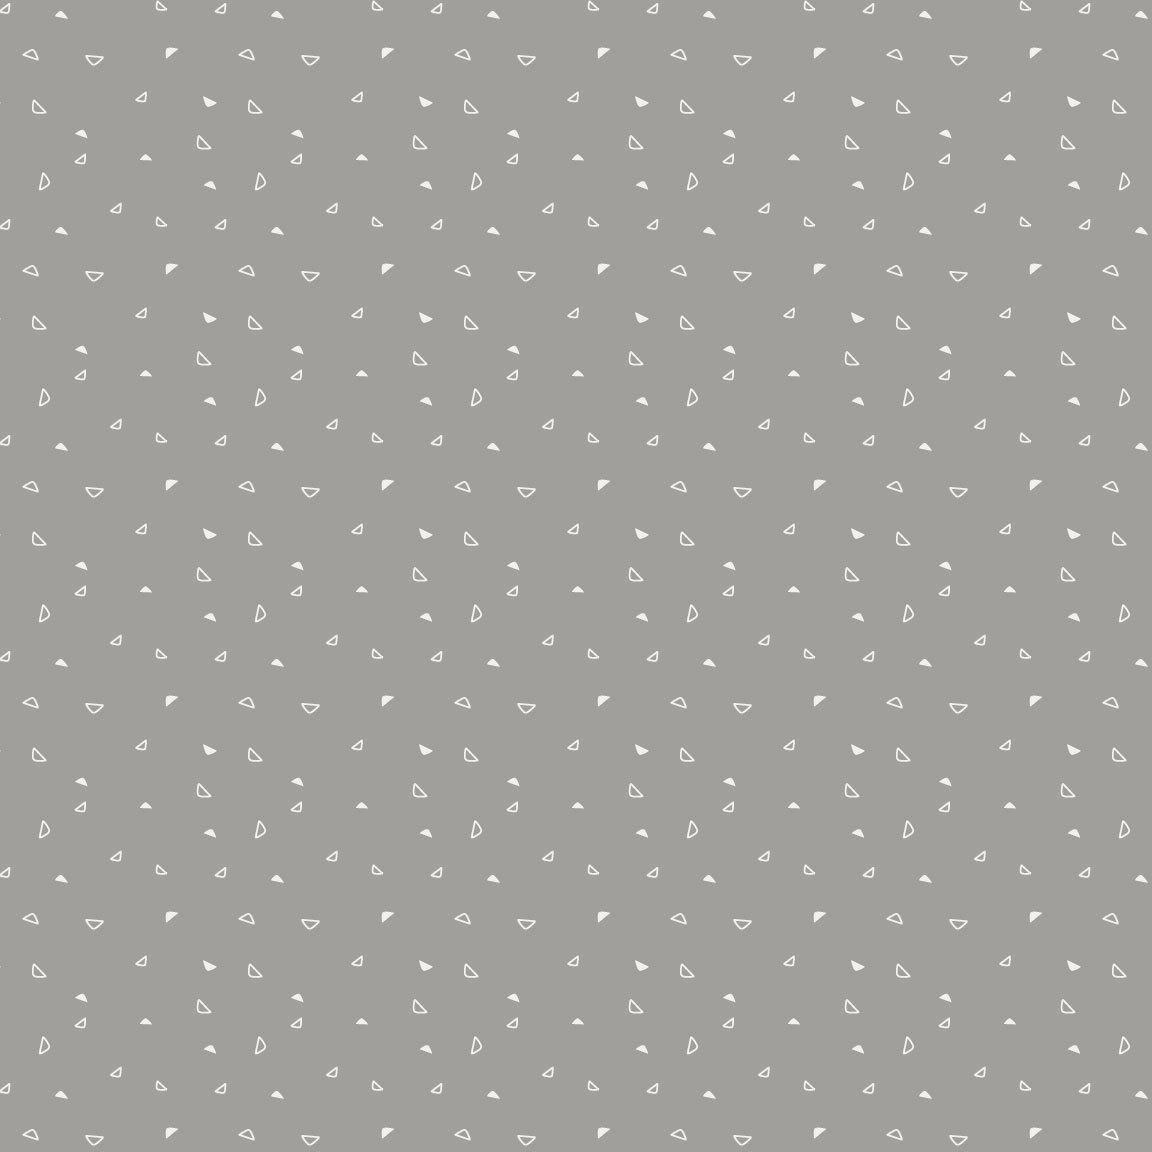 Medium Gray Blender